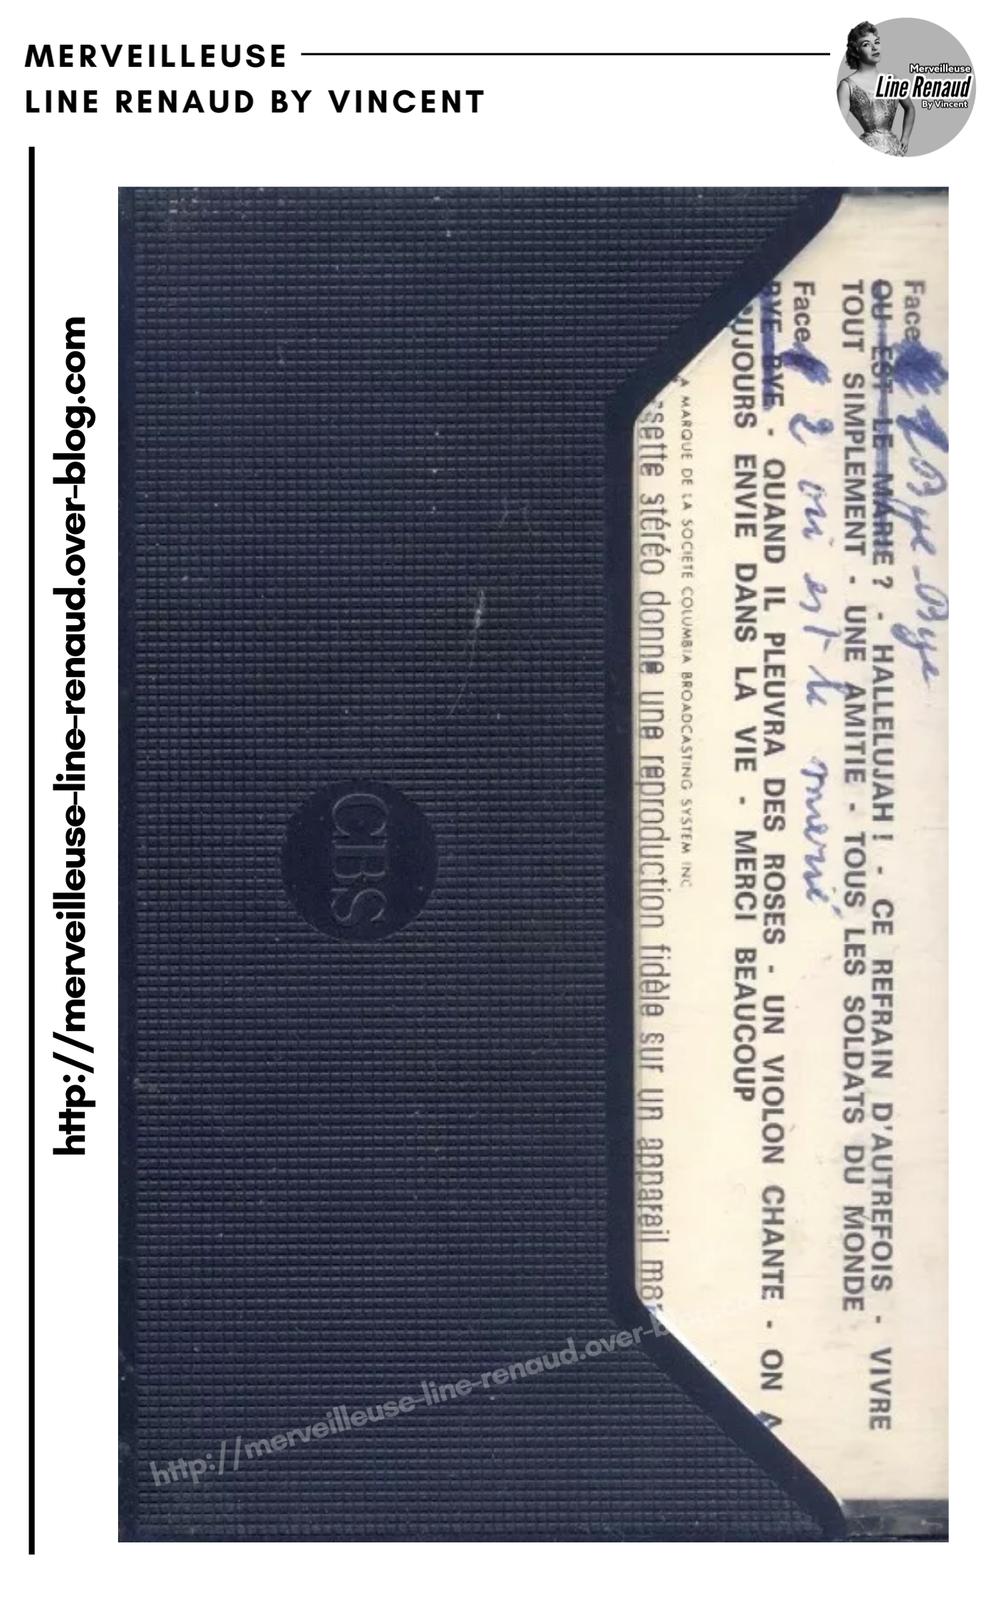 CASSETTES AUDIO: 1972 CBS Cassette - 40-64897